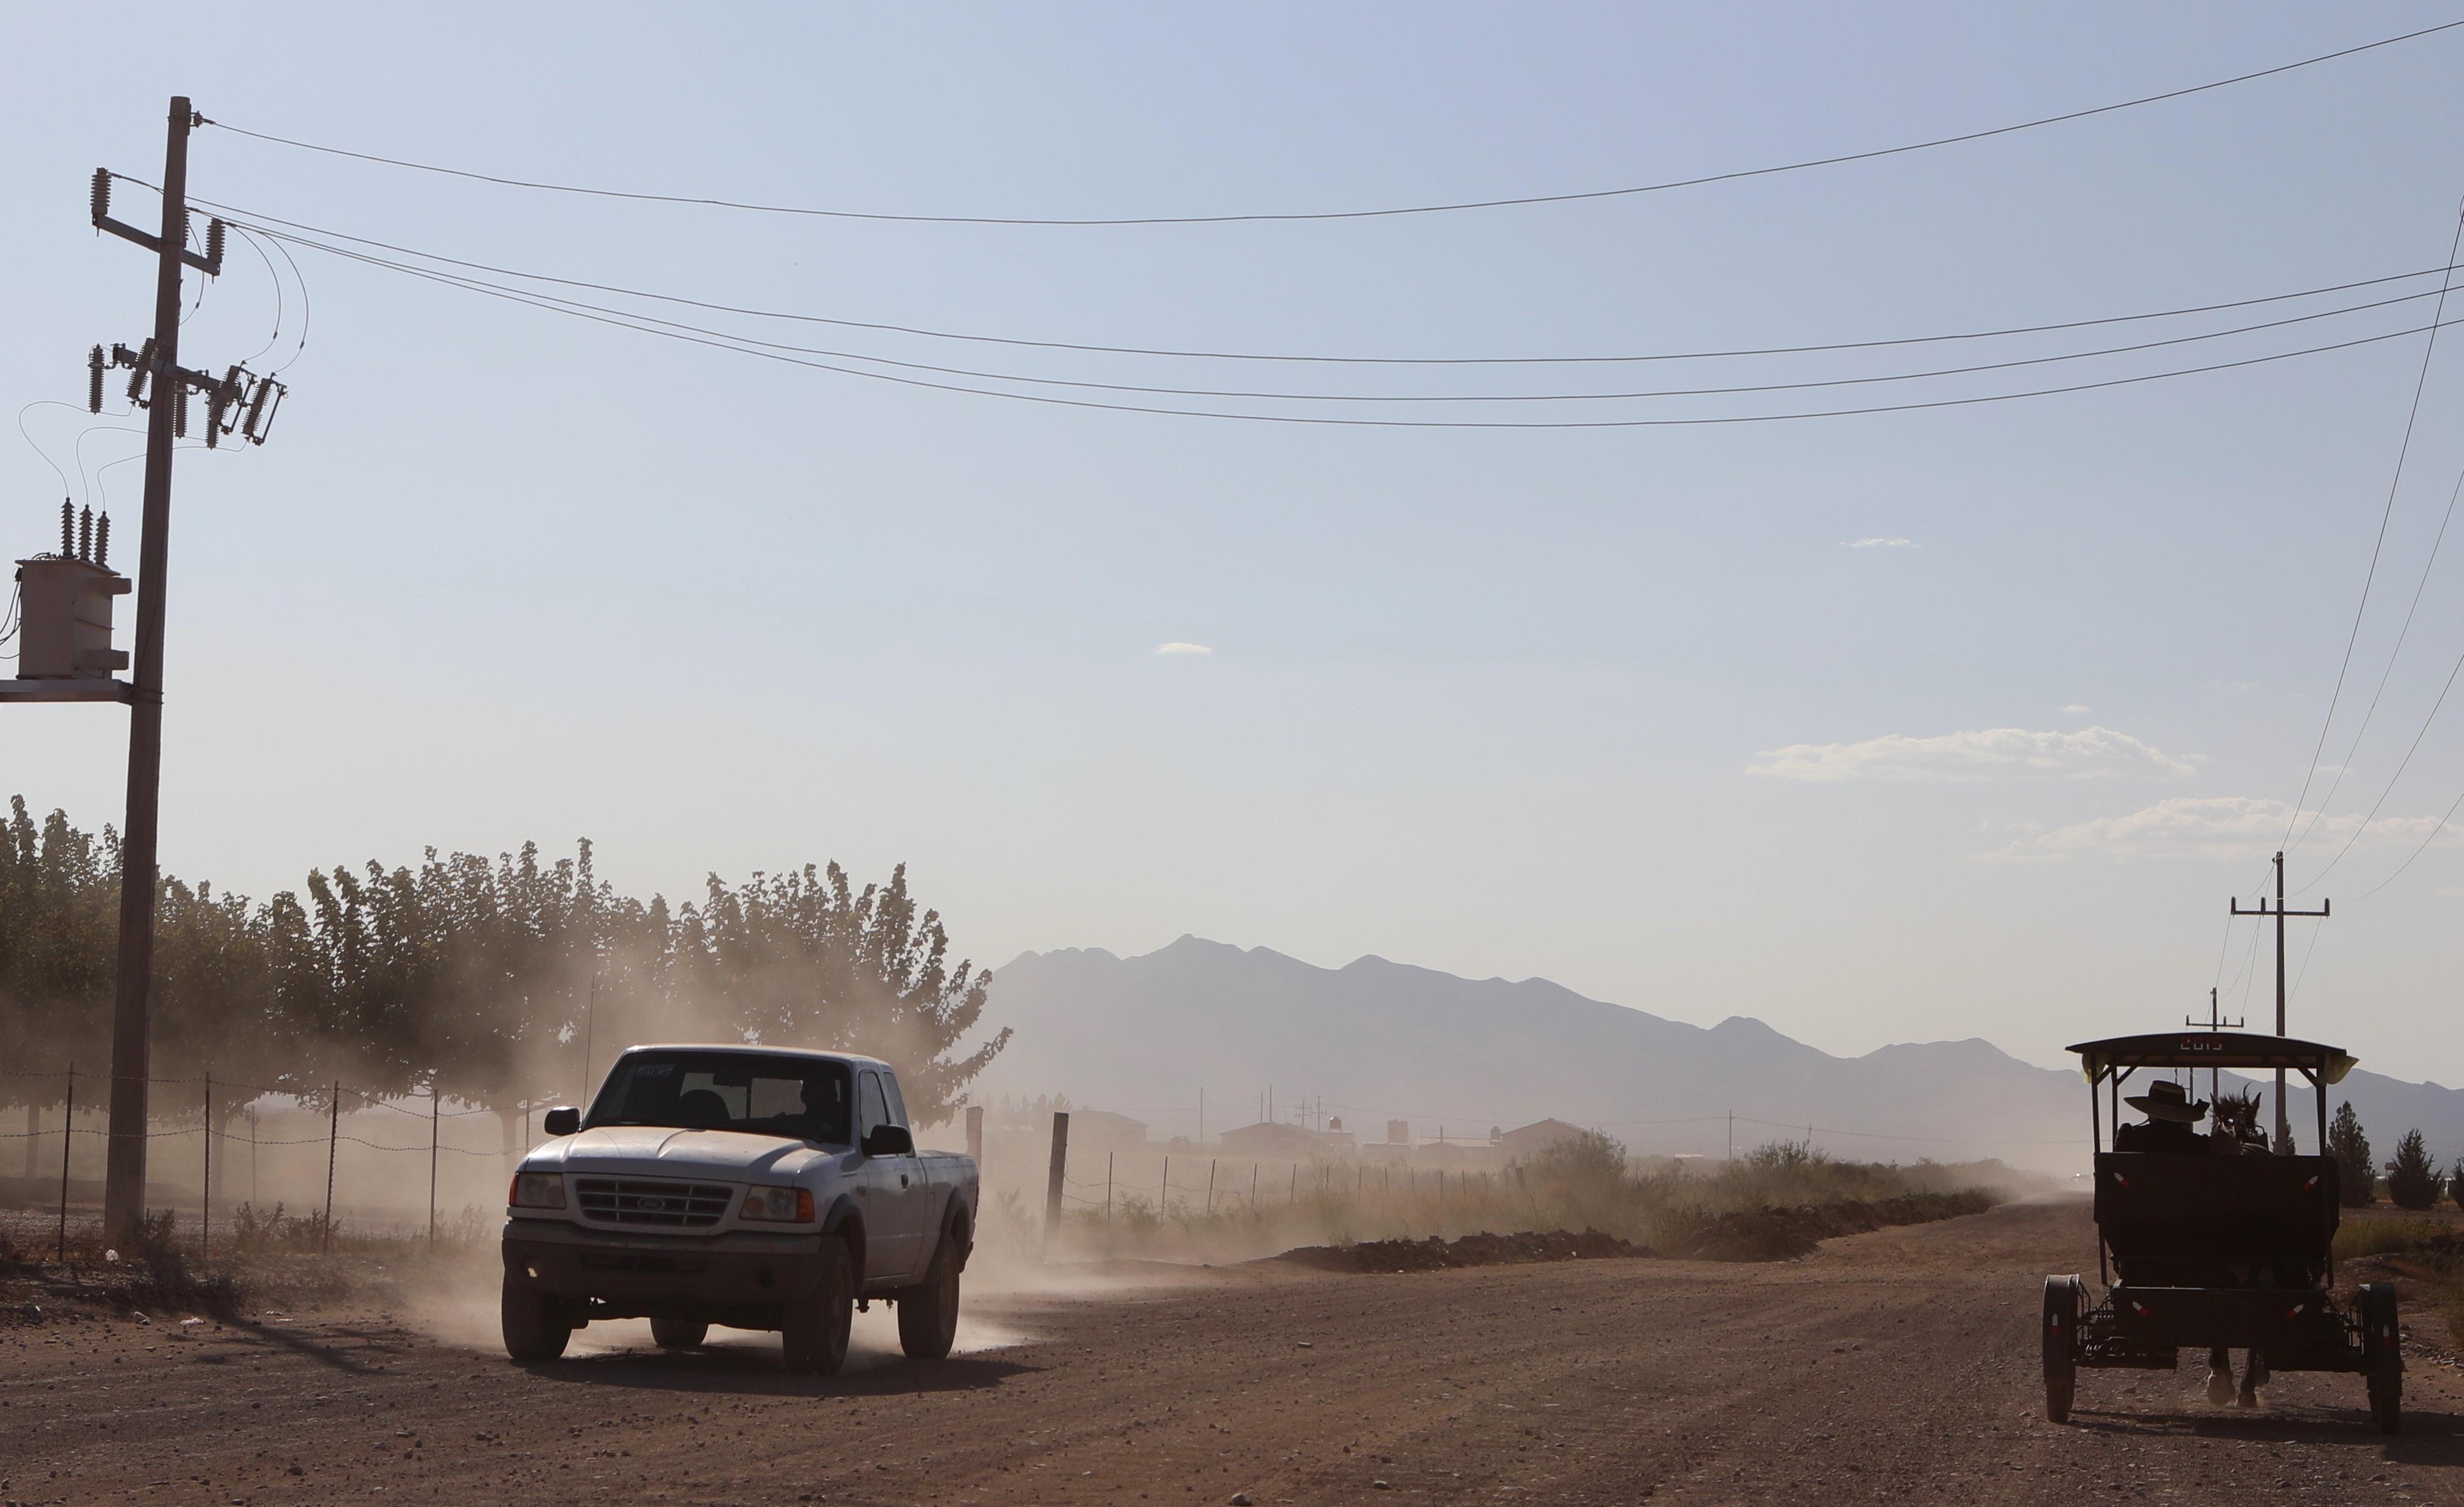 Un camión pasa cerca de una mujer menonita en un carro tirado por caballos en una comunidad menonita en el municipio de Ascensión, estado de Chihuahua, México, el 26 de septiembre de 2020.